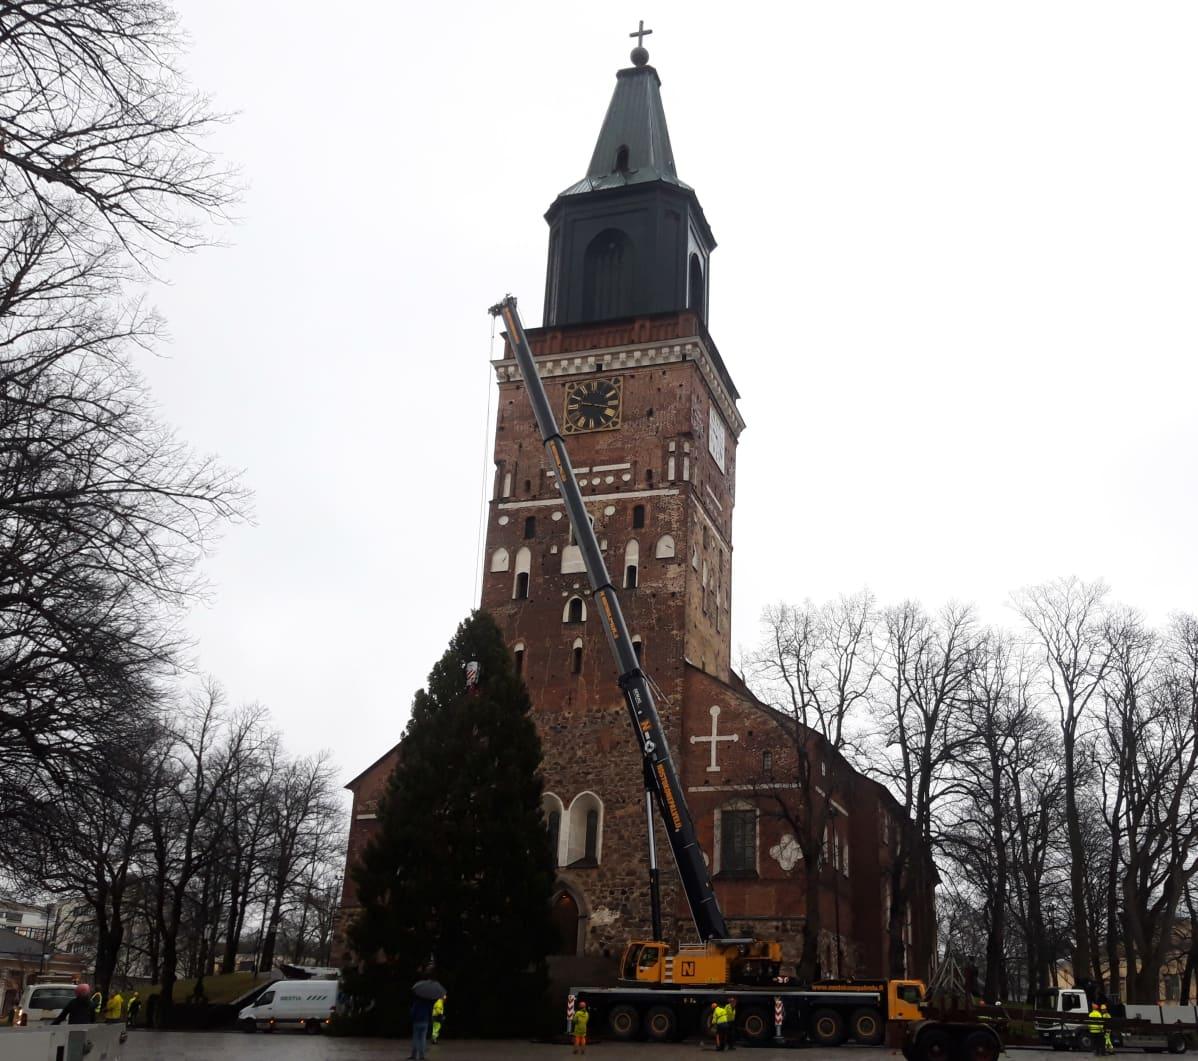 Turun tuomiokirkon joulukuusen pystytys 25.11.2020.